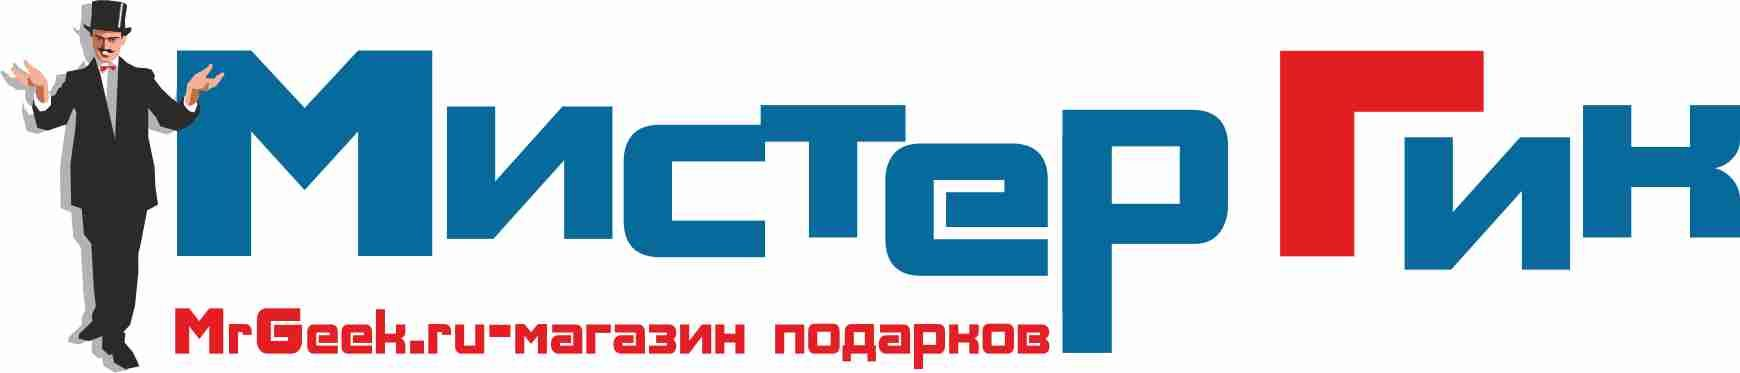 Логотип для магазина подарков - дизайнер norma-art